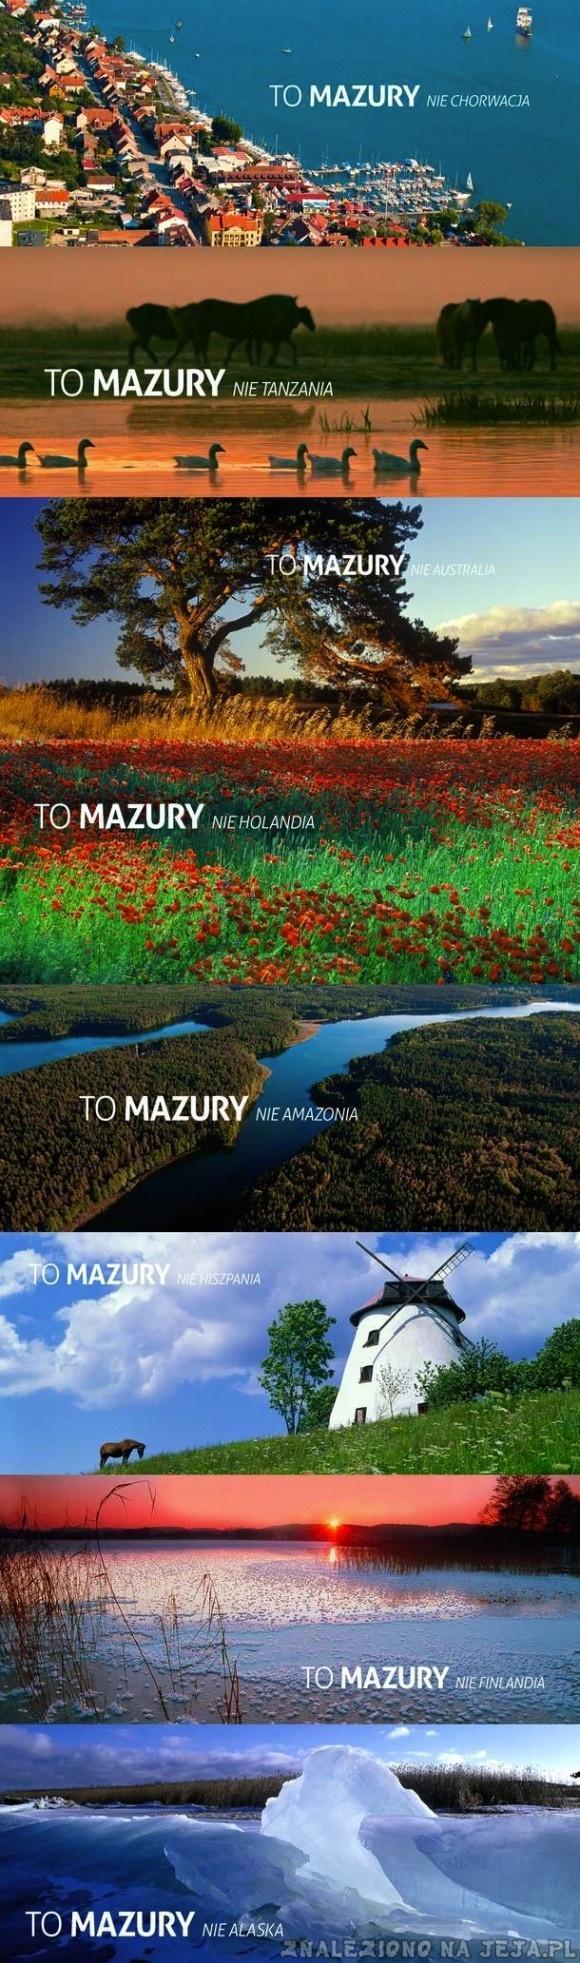 To Mazury, nie...